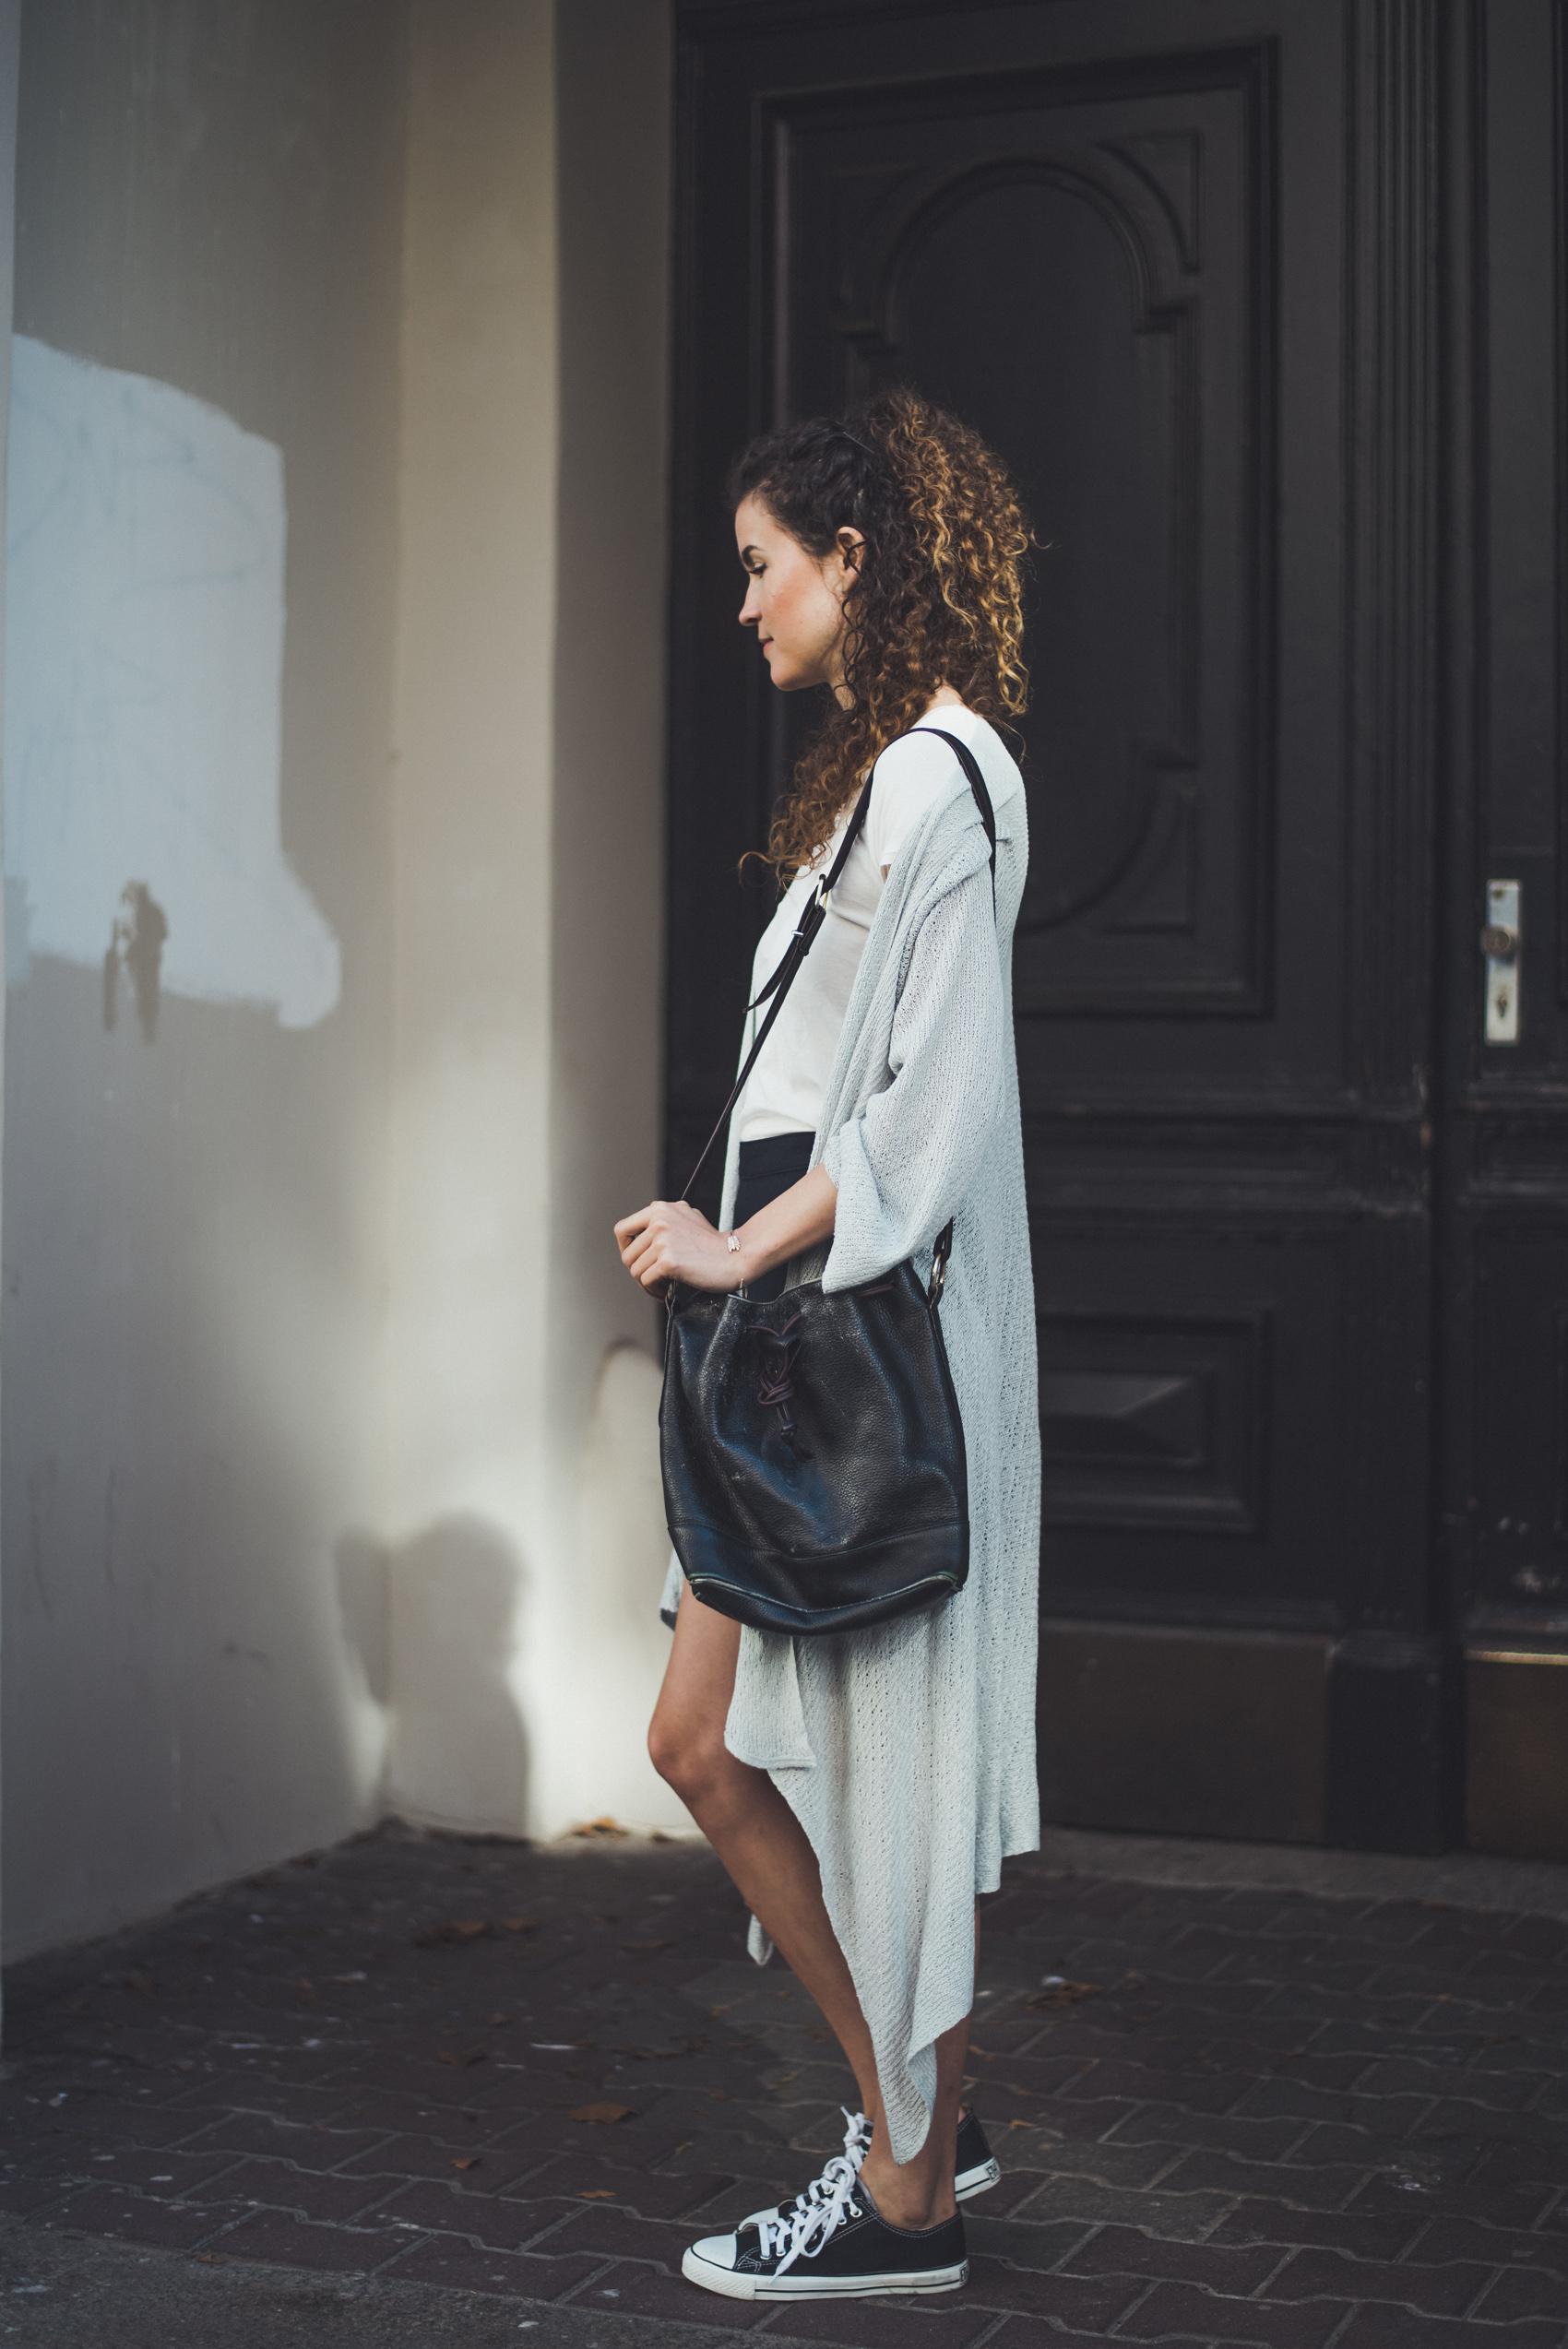 maas-natur-fair-fashion-outfit-3-of-8